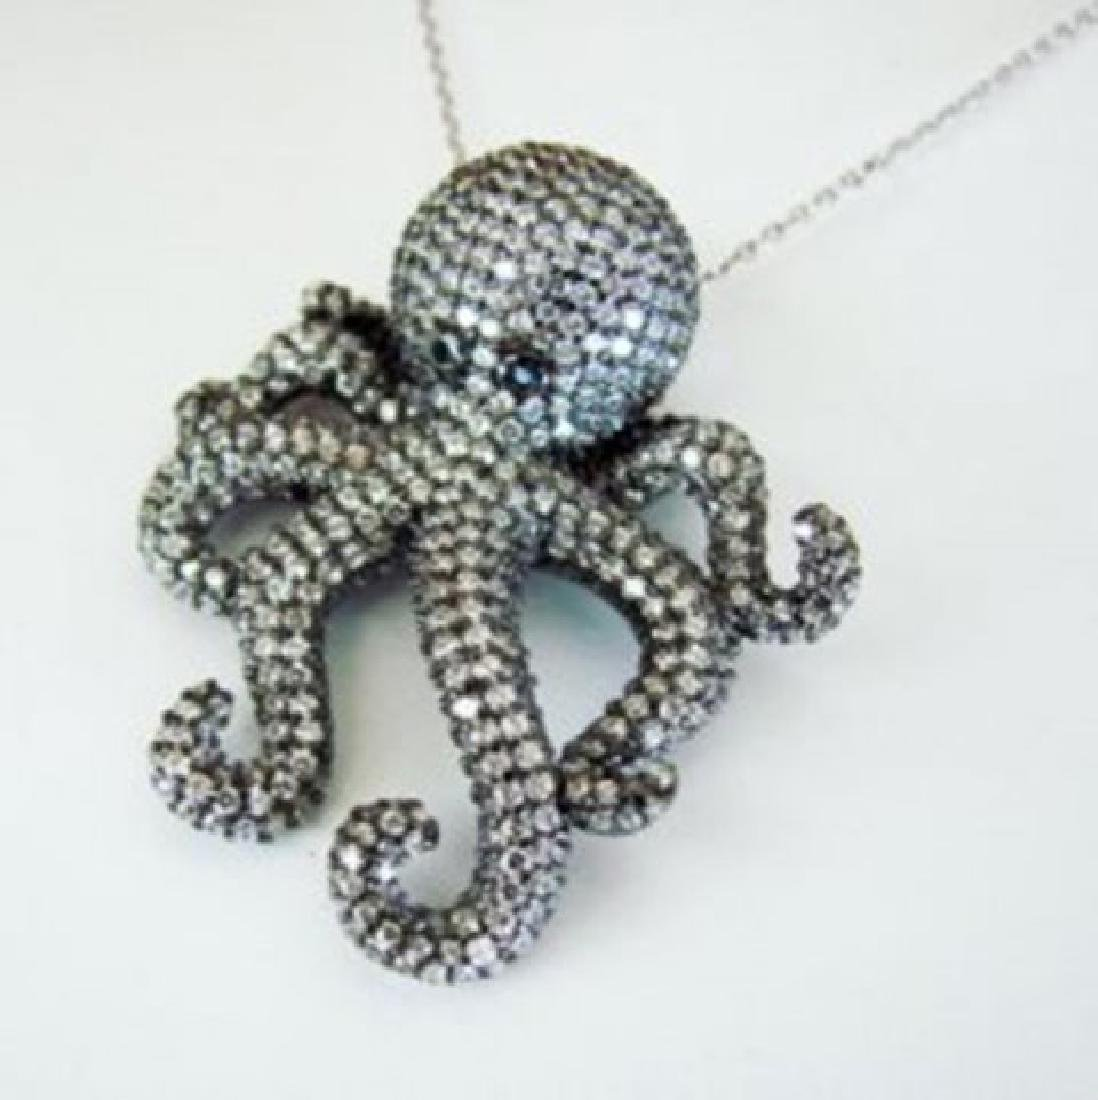 Creation Diamond Octopus Pendant 4.56Ct 18k B/g Overlay